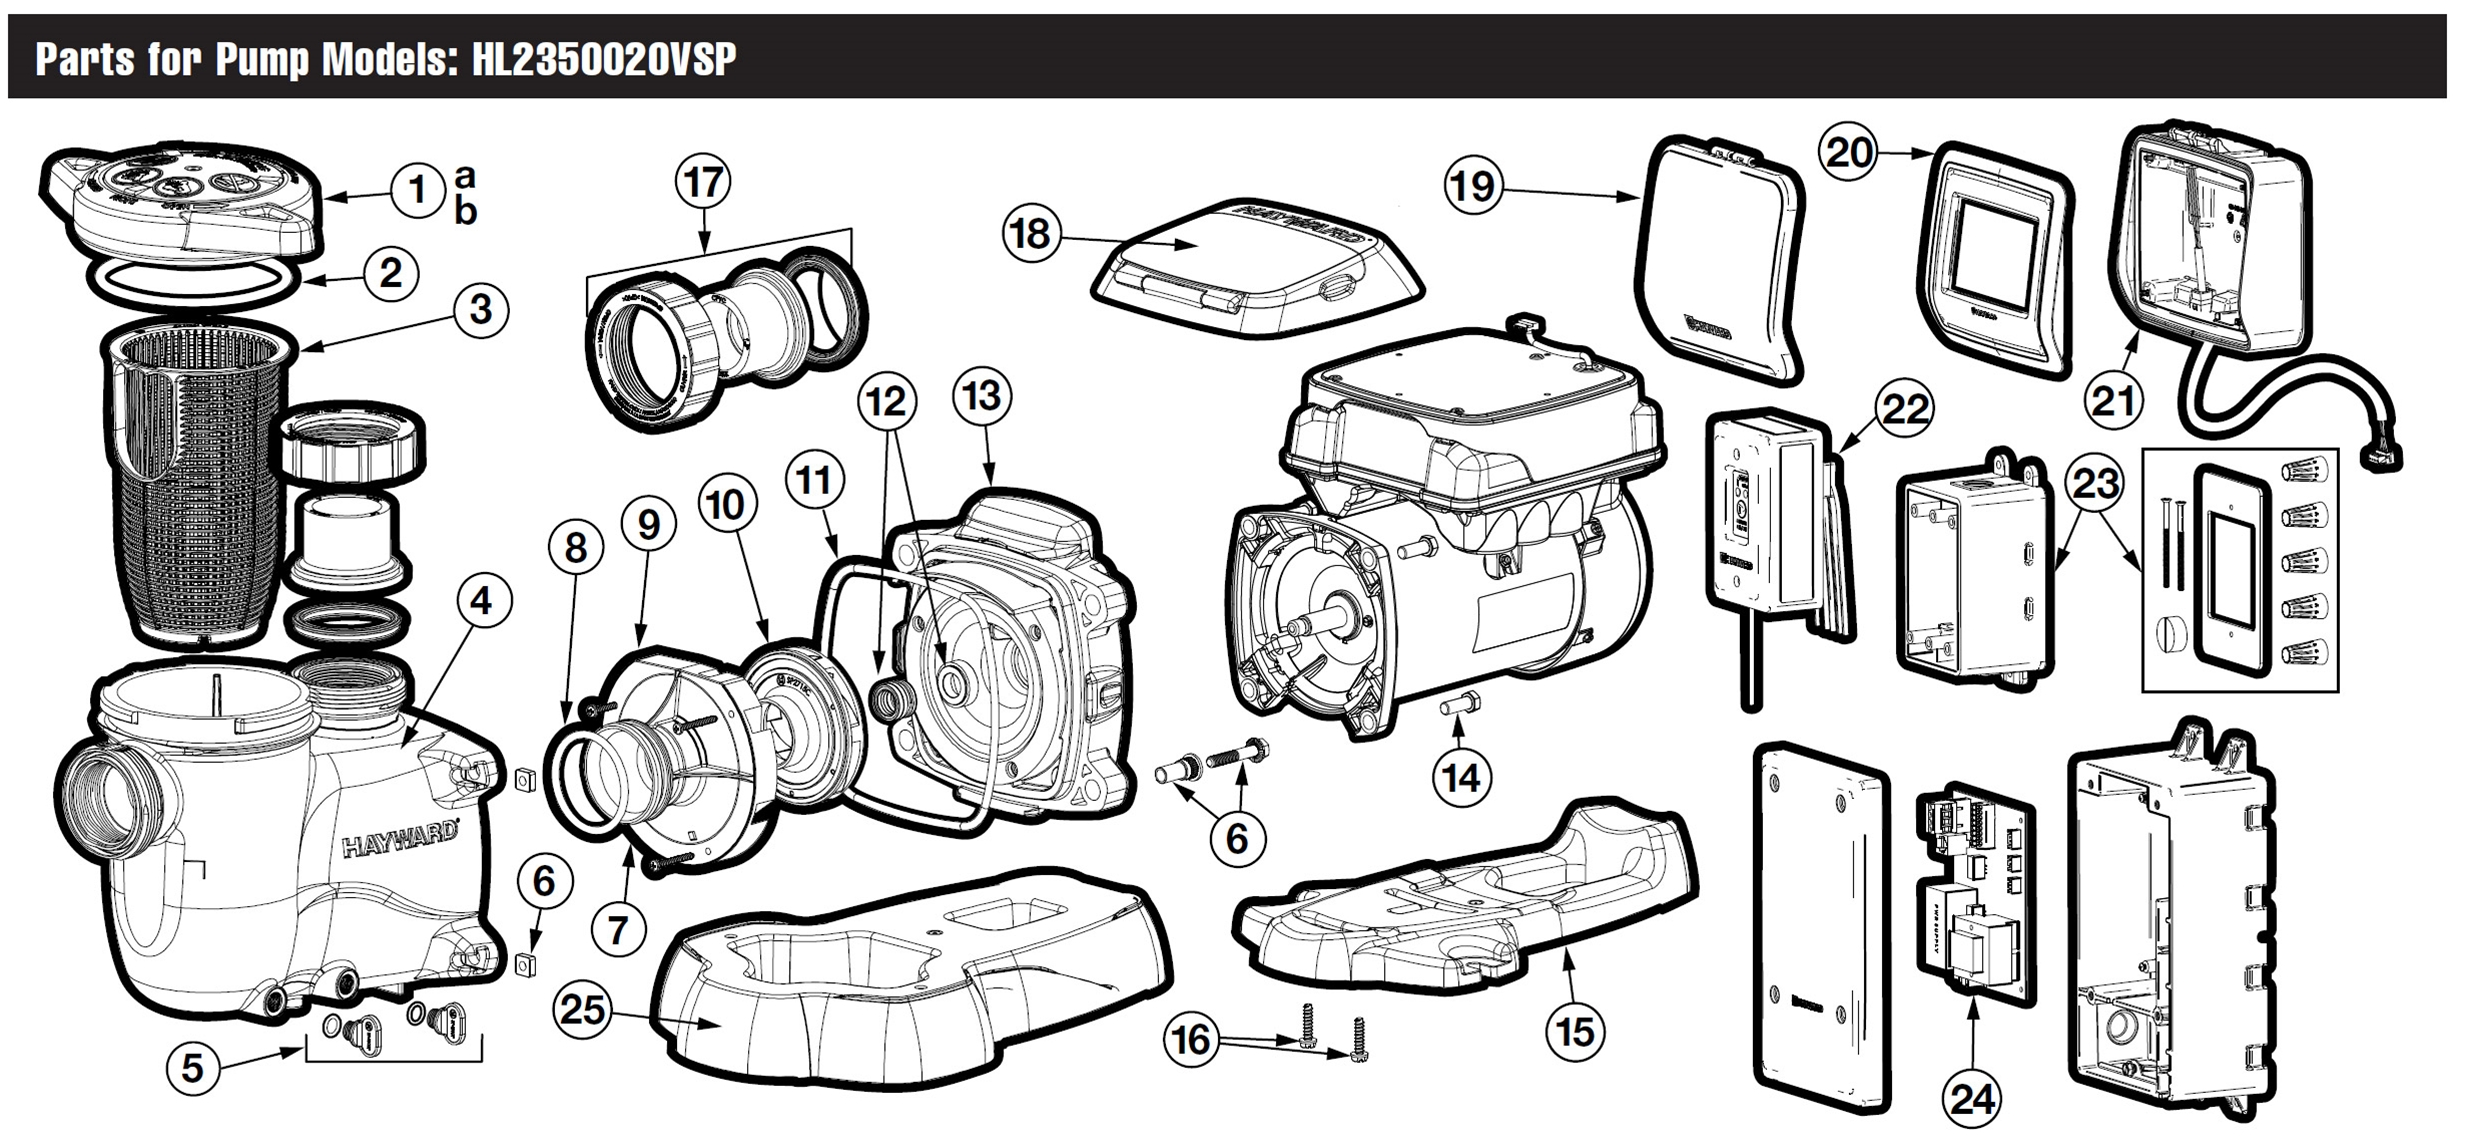 Hayward Maxflo Vs 500 Omni Pump Parts